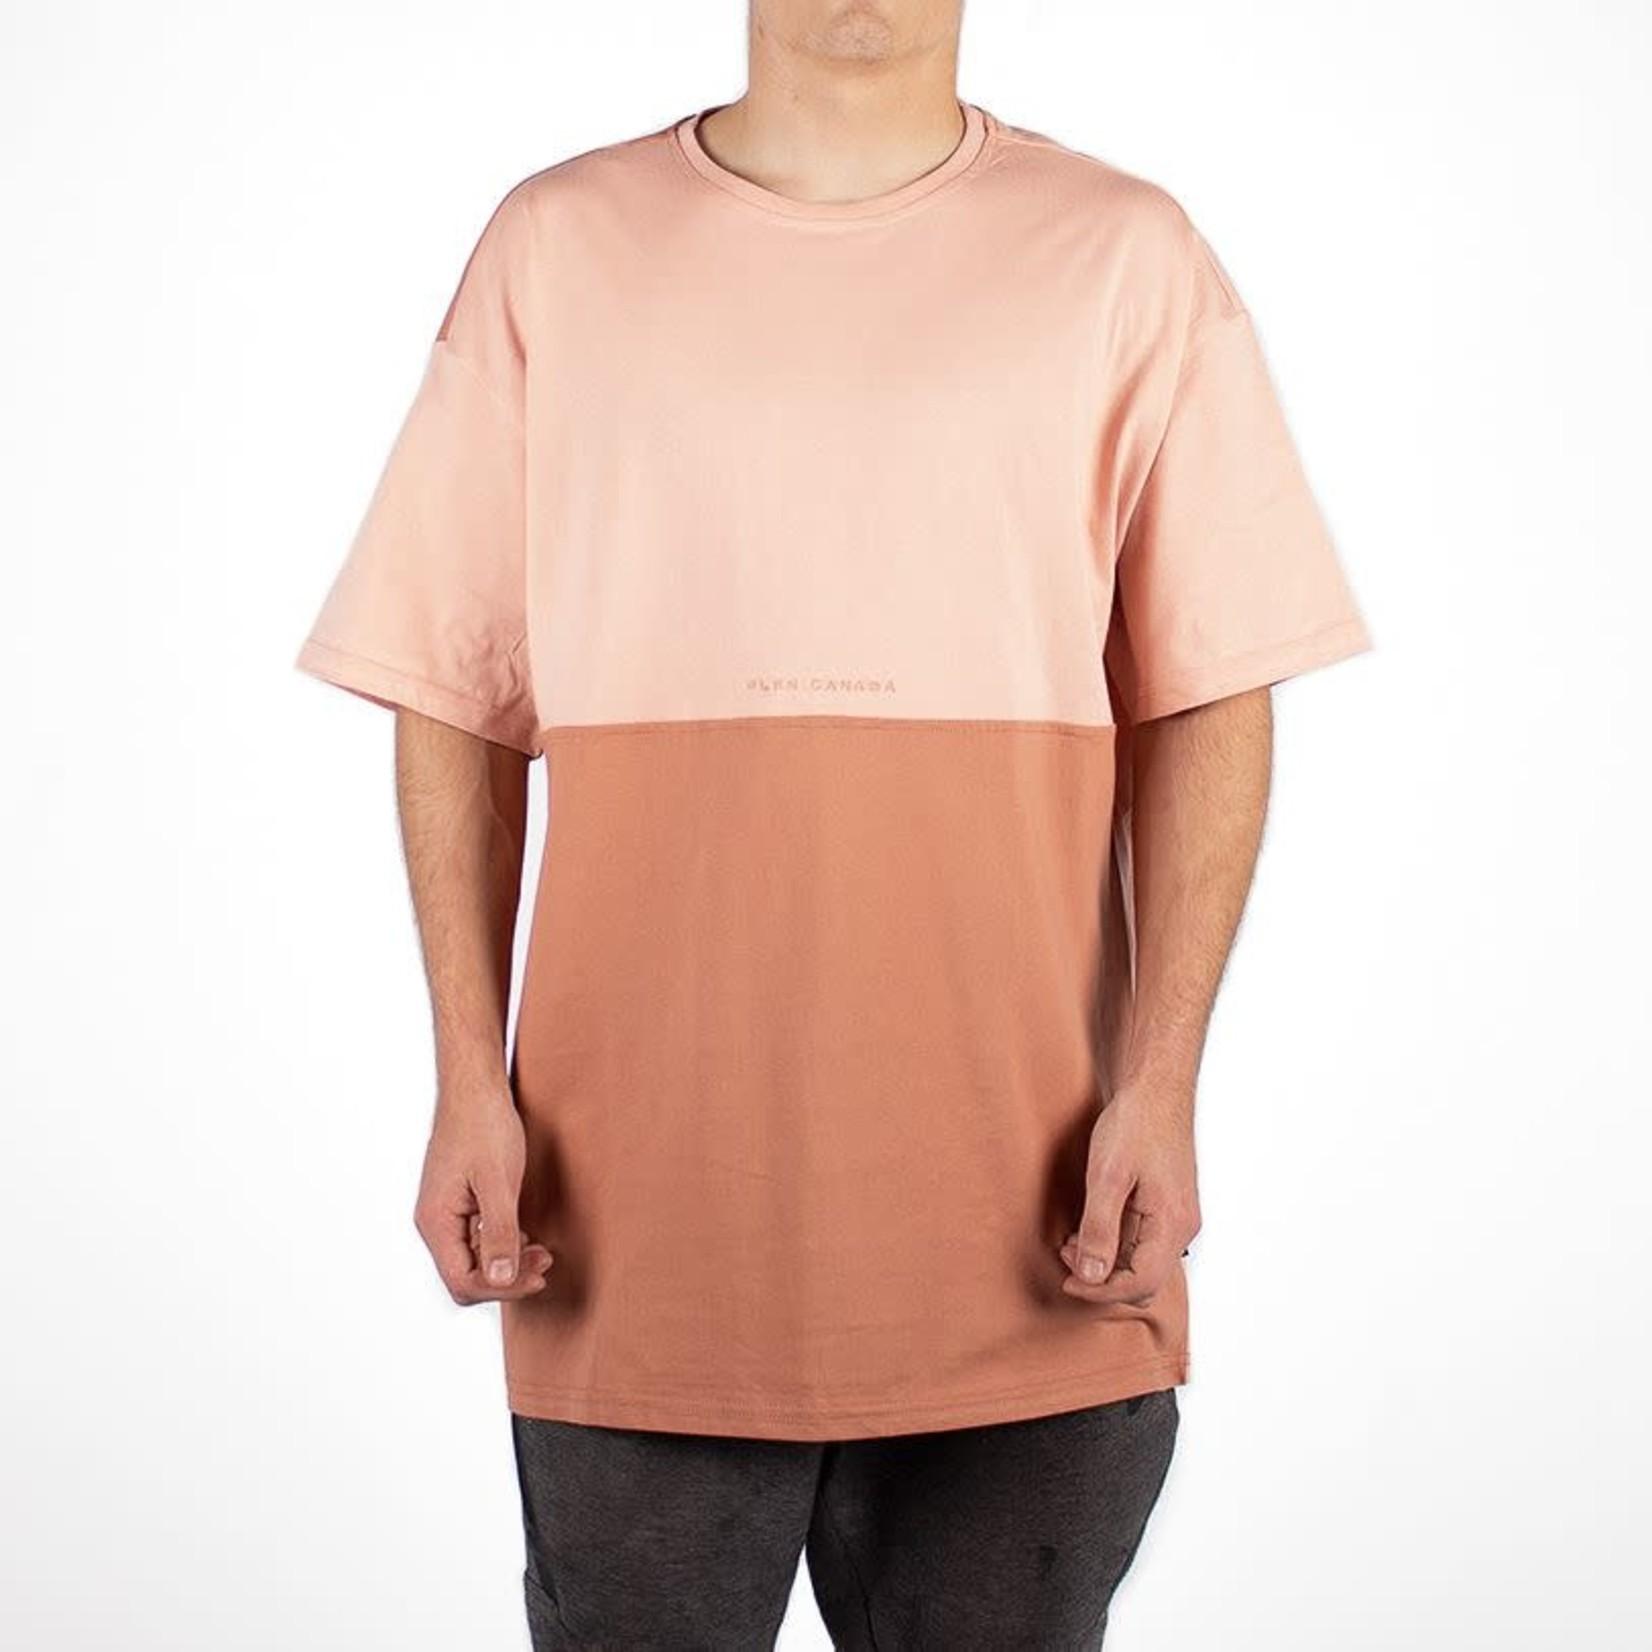 WLKN WLKN : Divided T-Shirt